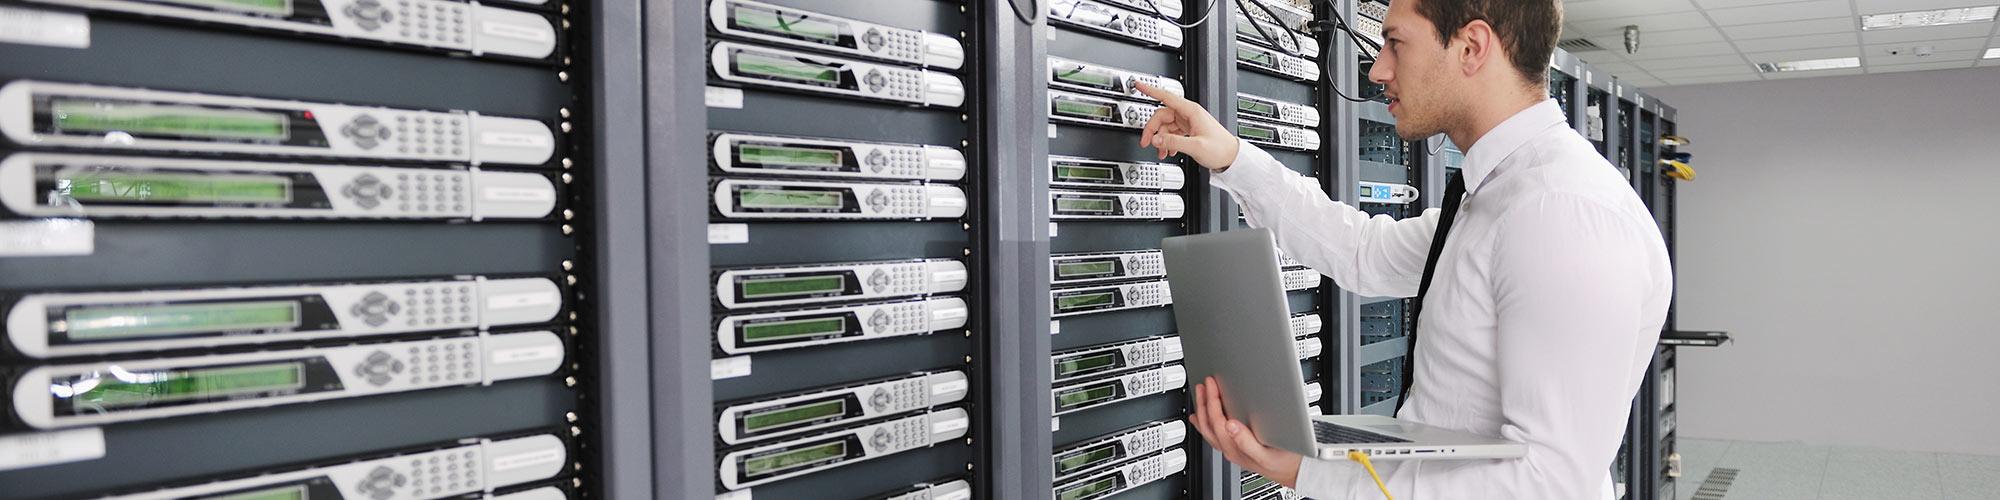 Server- und Racküberwachung